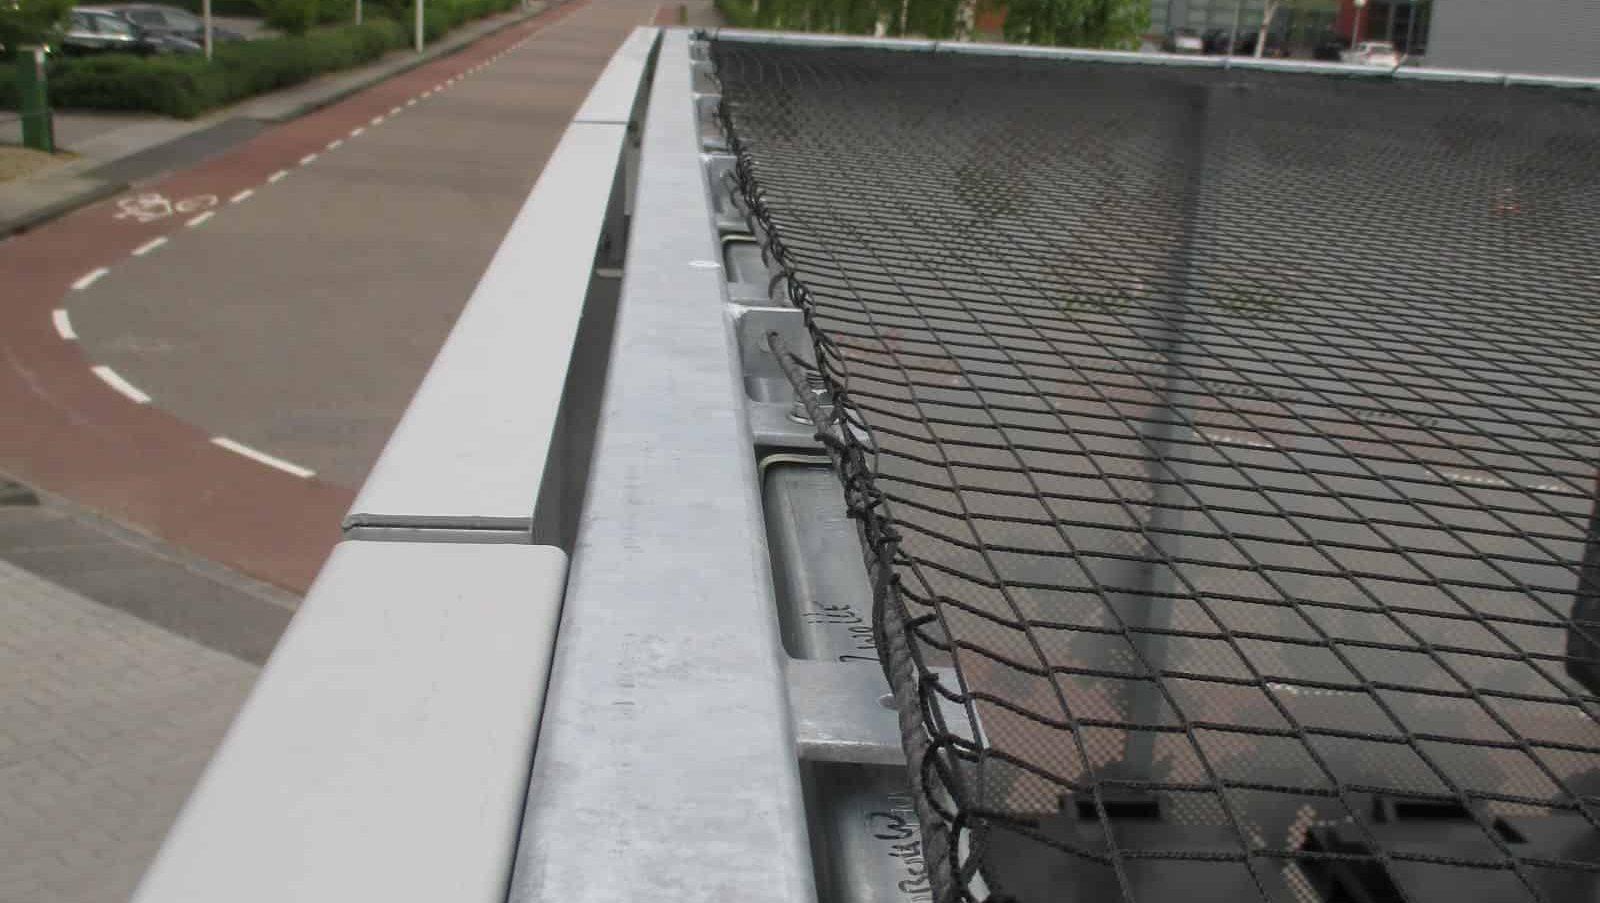 MD Nettick als plafond toepassing van de opslagruimte aan de Paasheuvelweg in Amsterdam